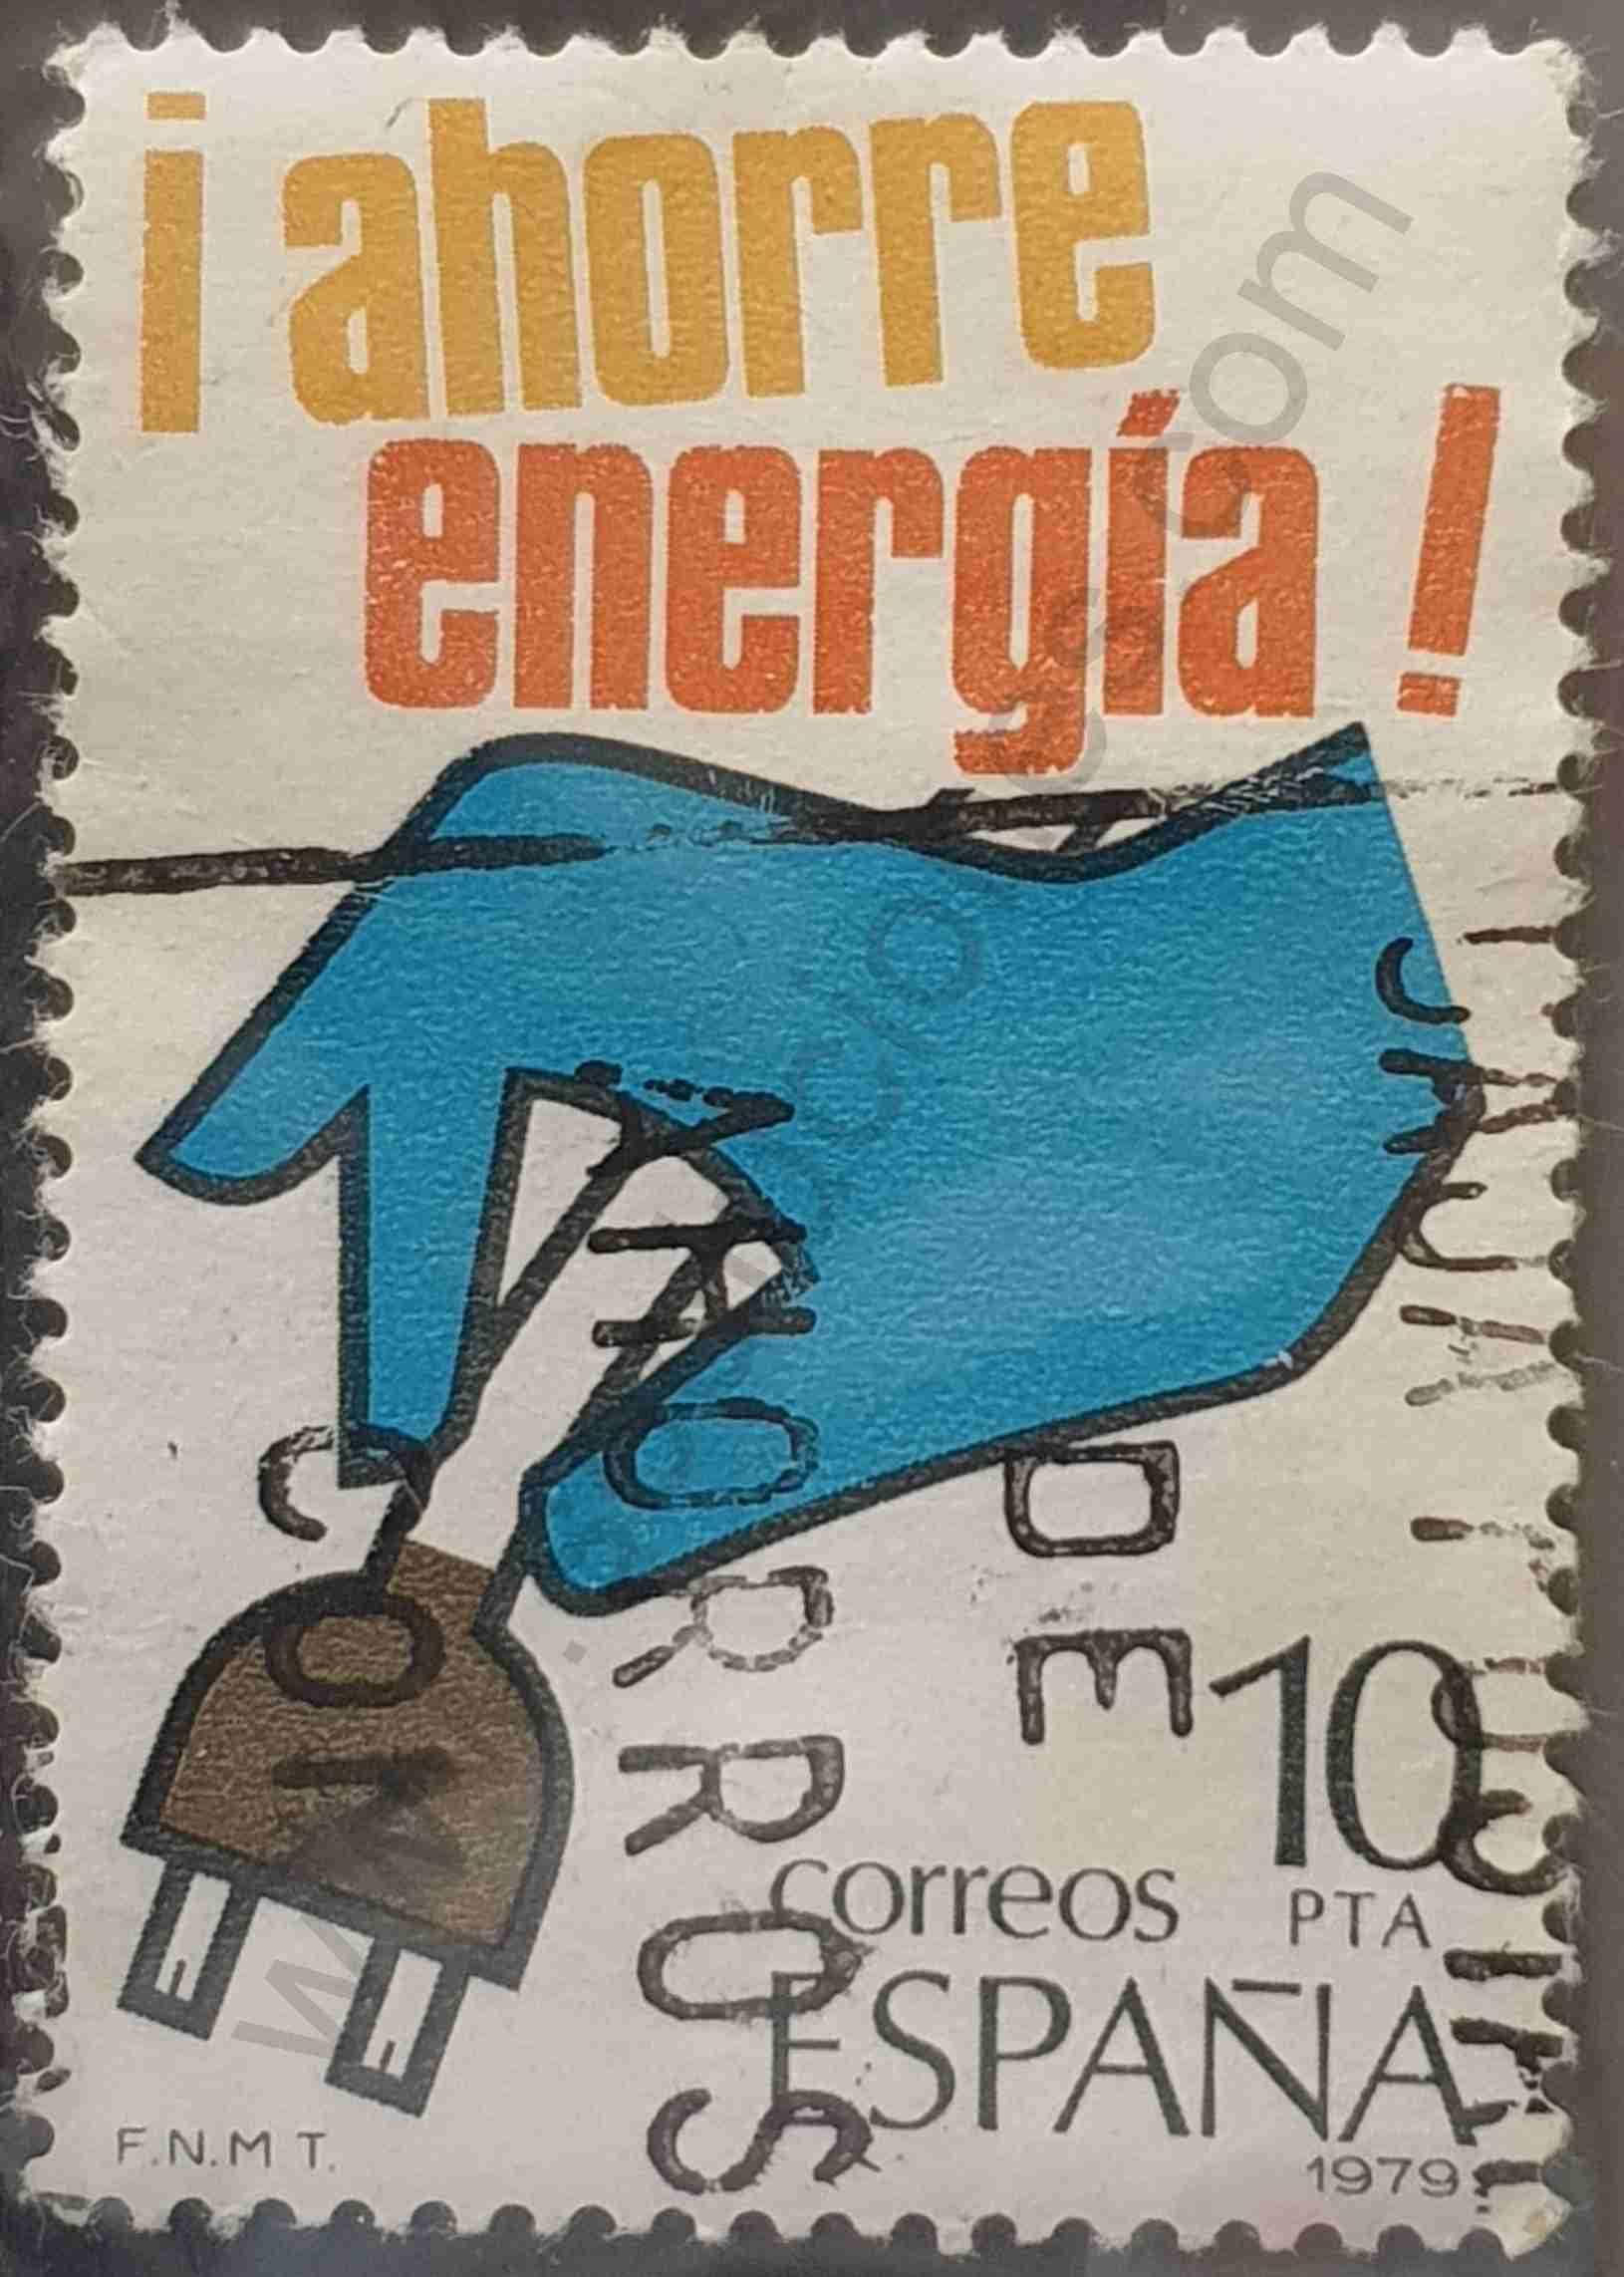 Ahorre energía - Mano - Sello España 1979